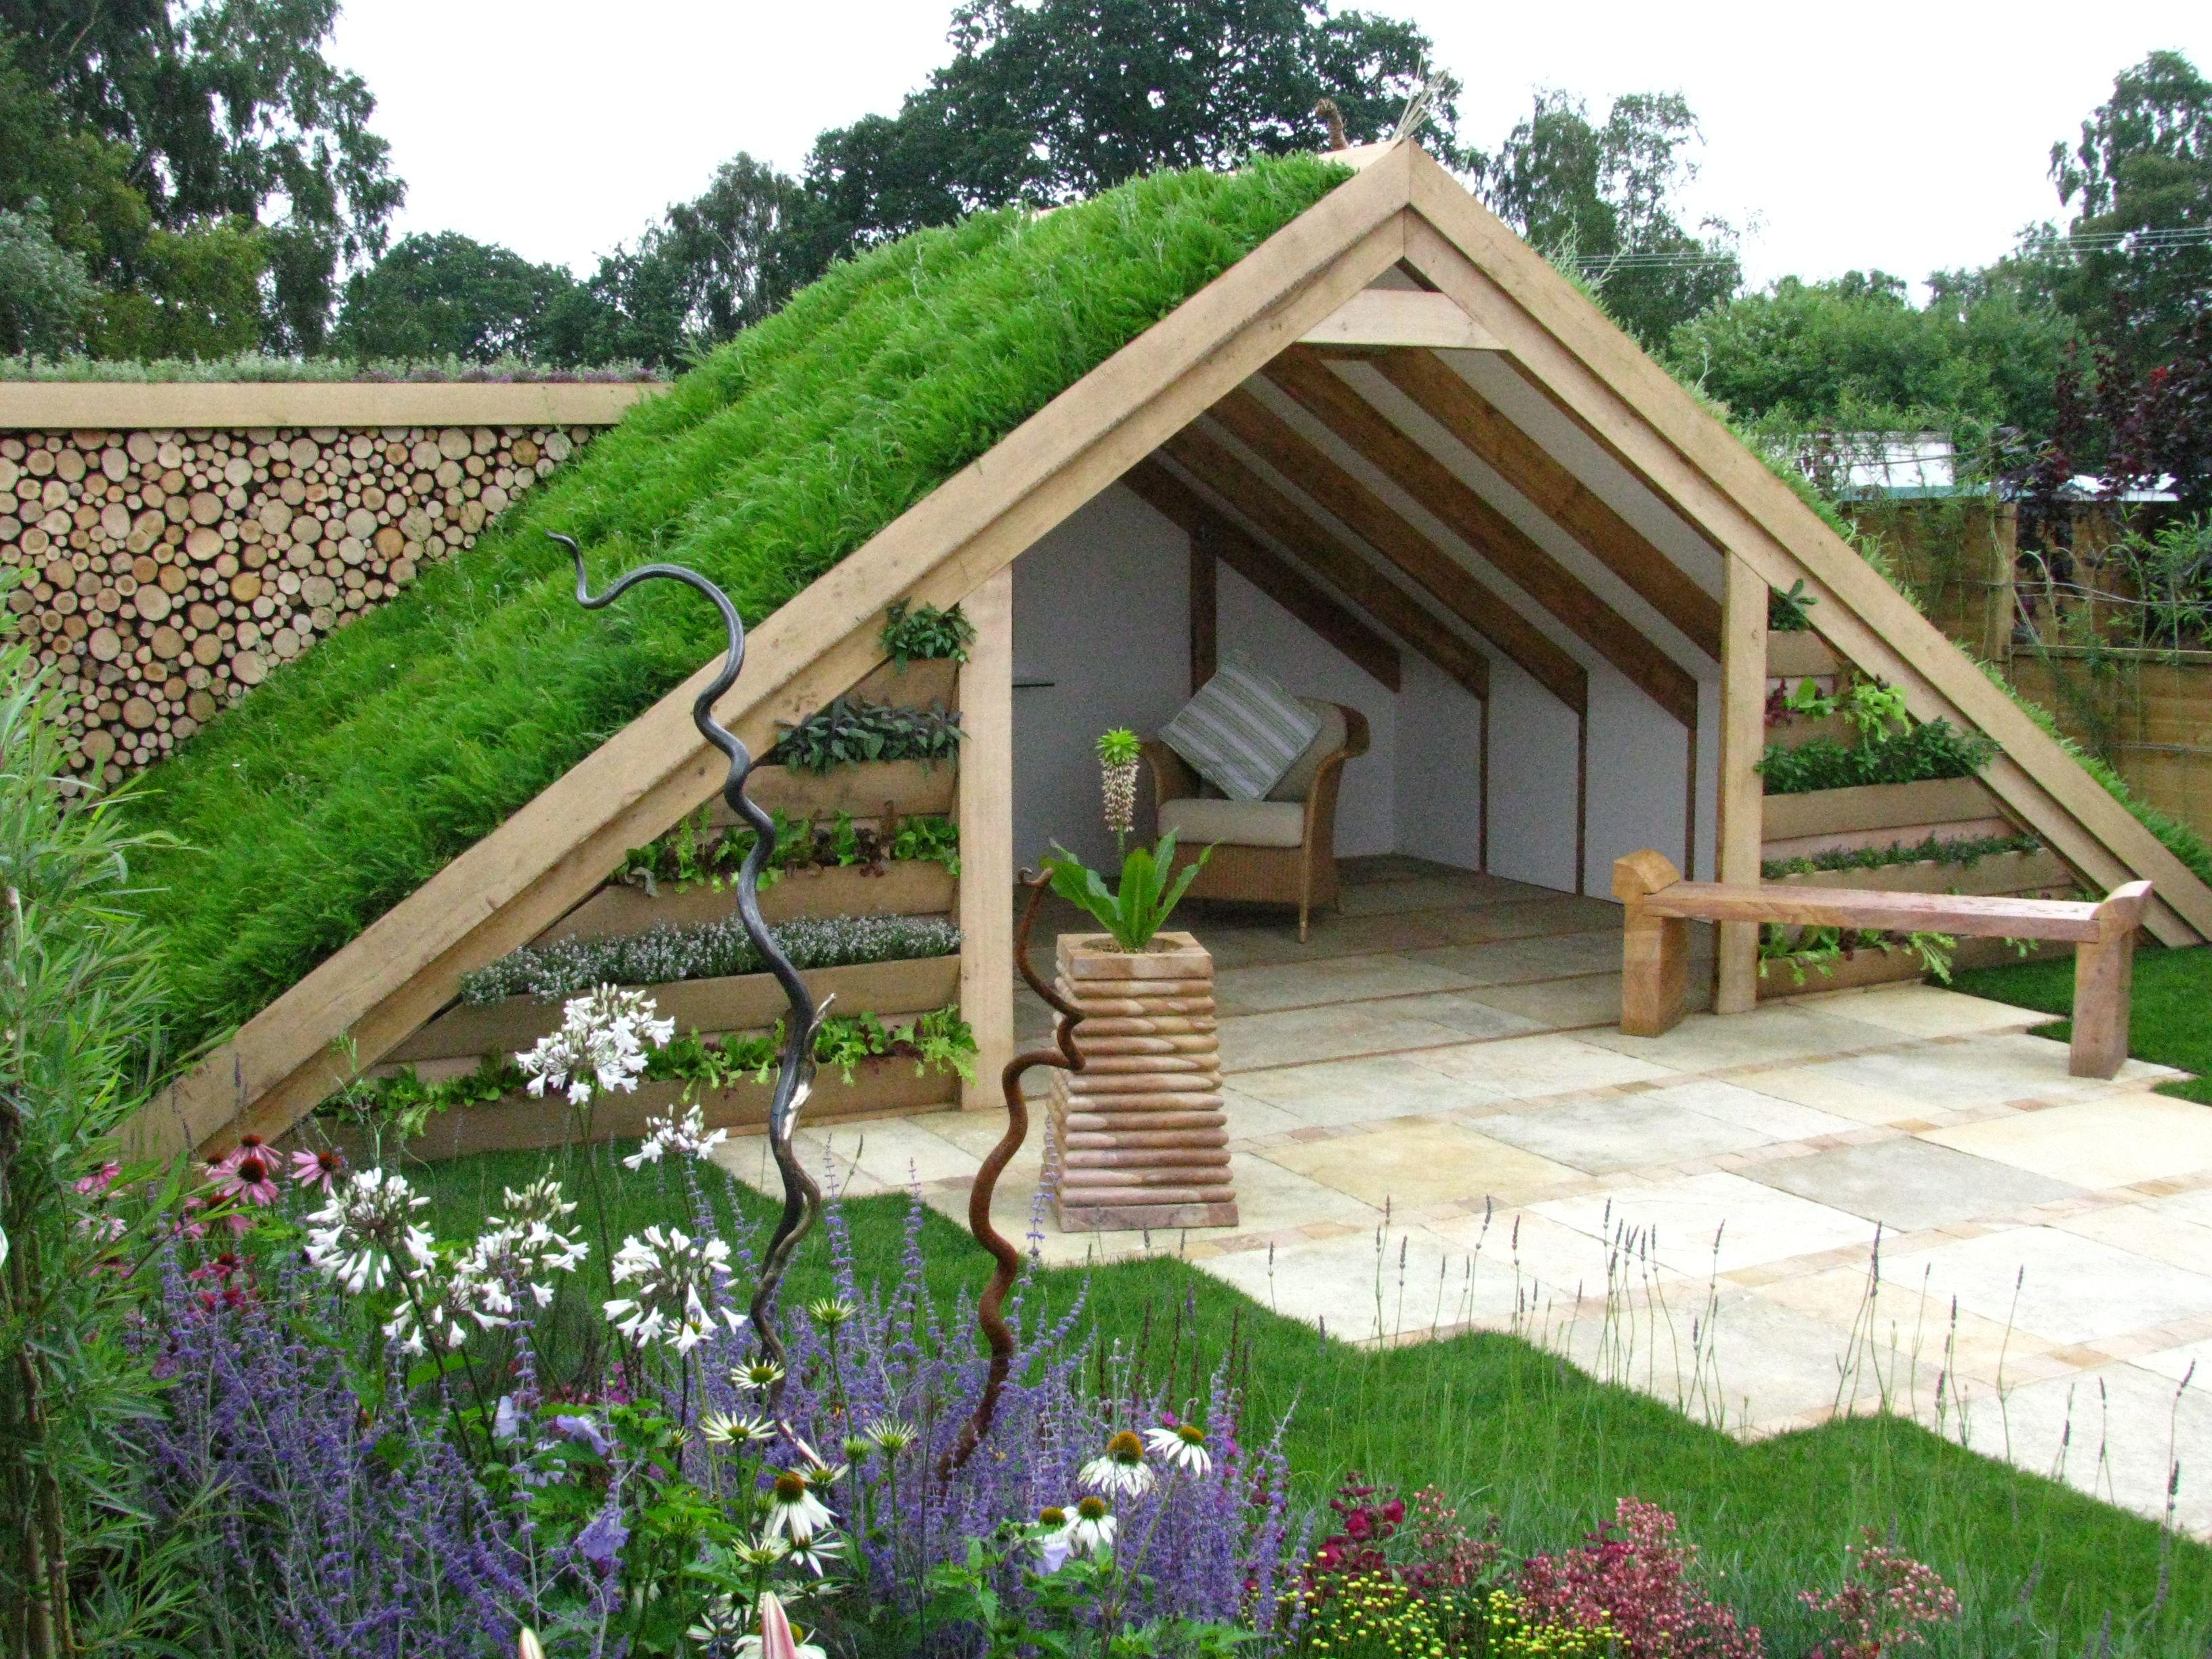 Comment Aménager Son Abri De Jardin ? | Autoconstruction ... tout Abri De Jardin Design